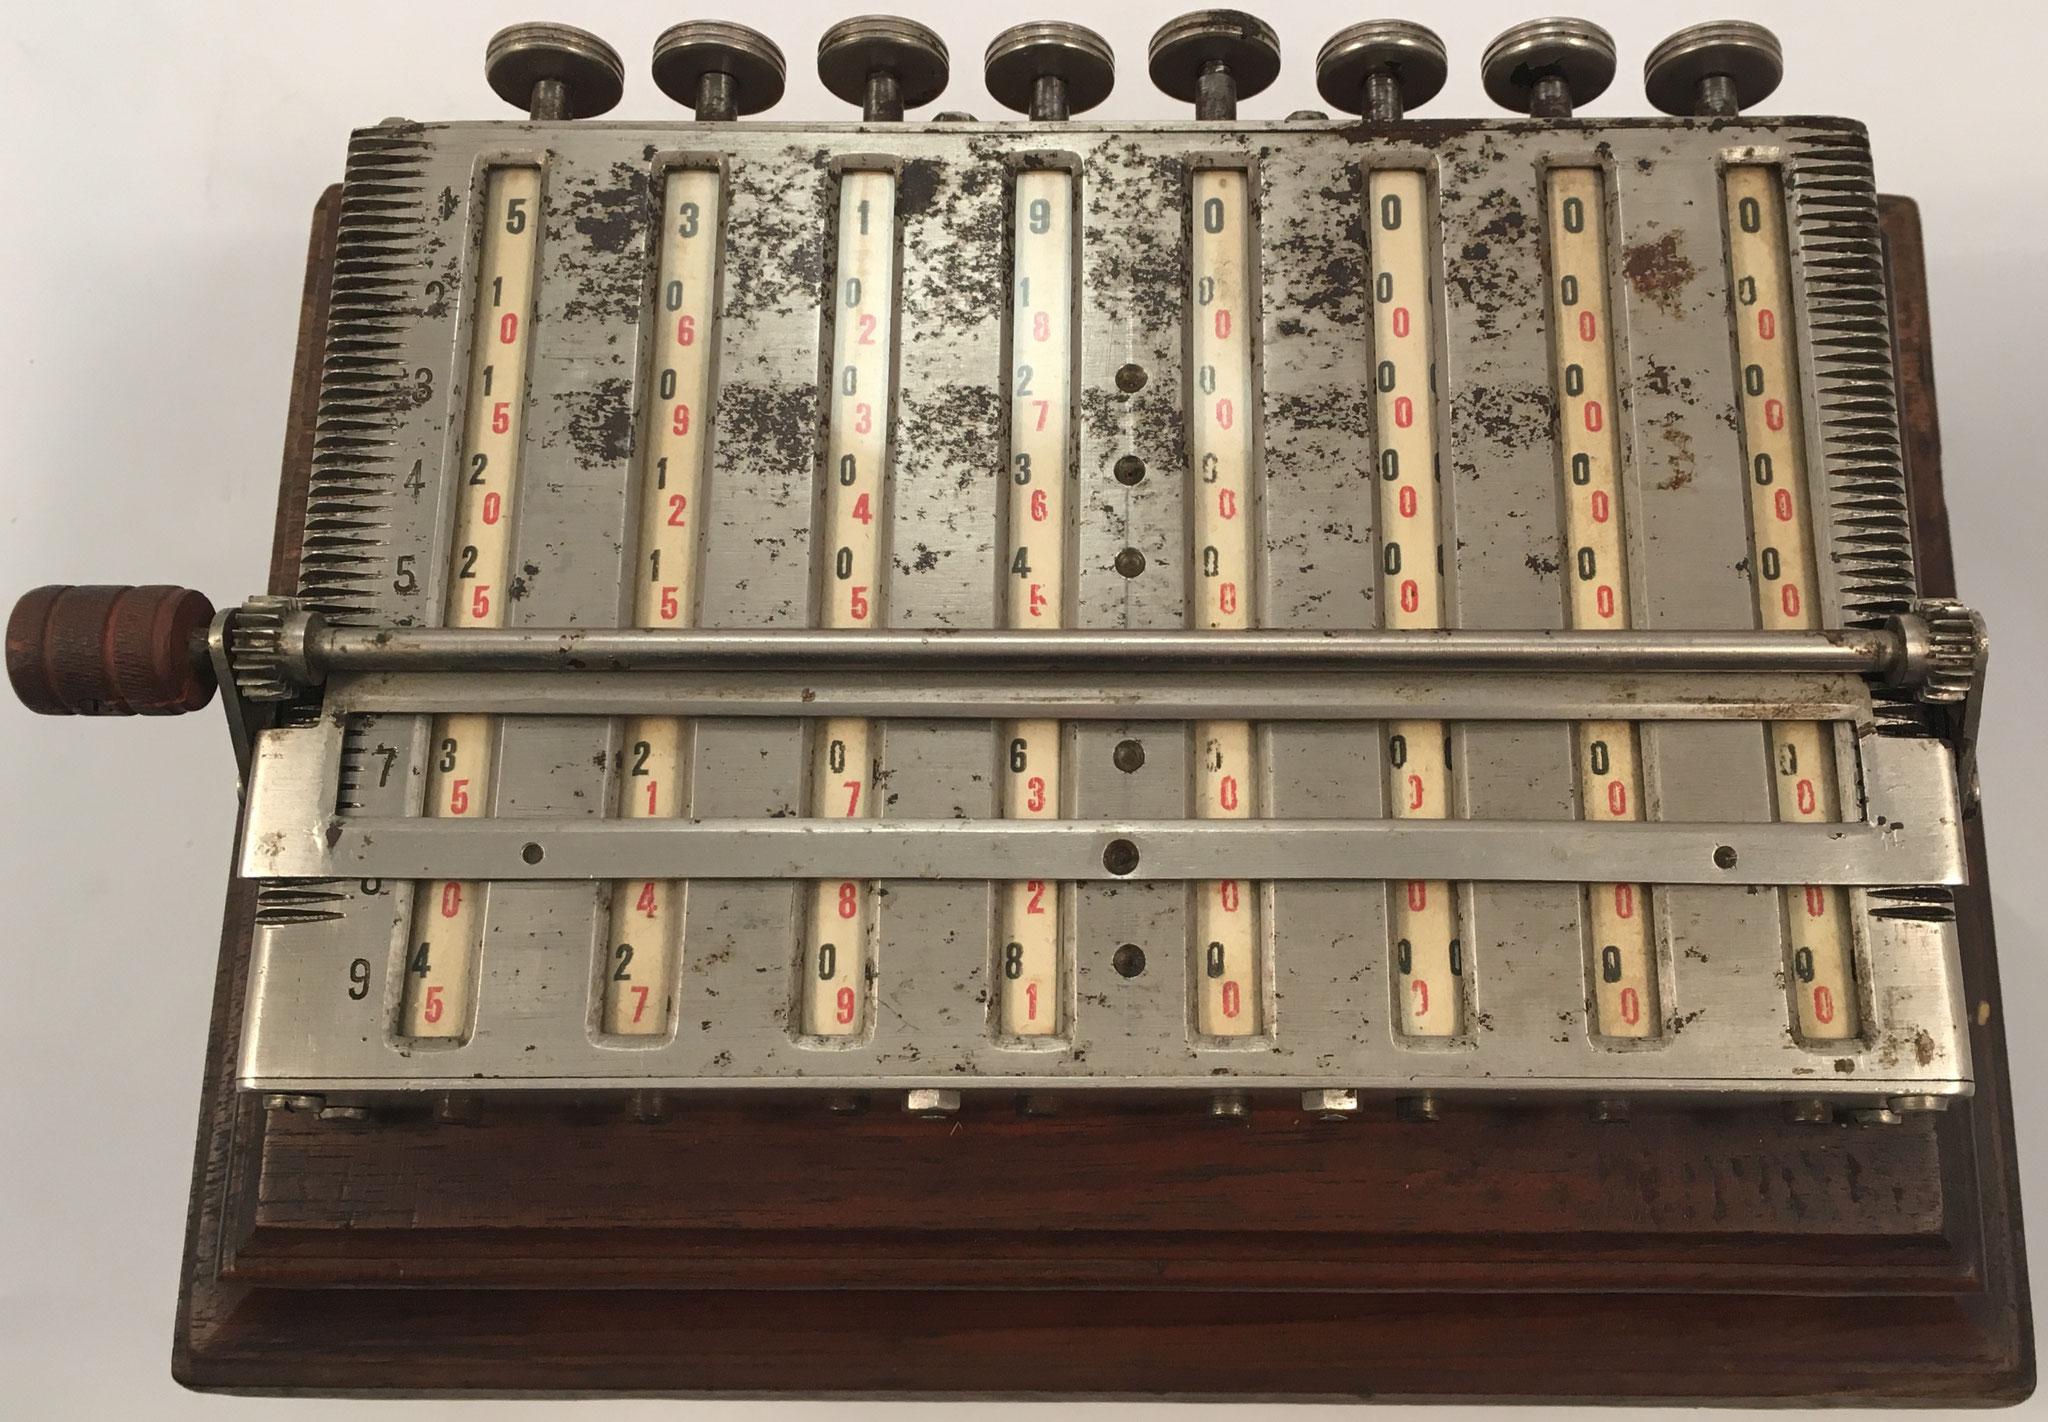 MULDIVI, ejemplar 2, con 8 cilindros multiplicativos de Napier de 10 caras cada uno, hecho en Francia hacia 1920, 22x14x9 cm